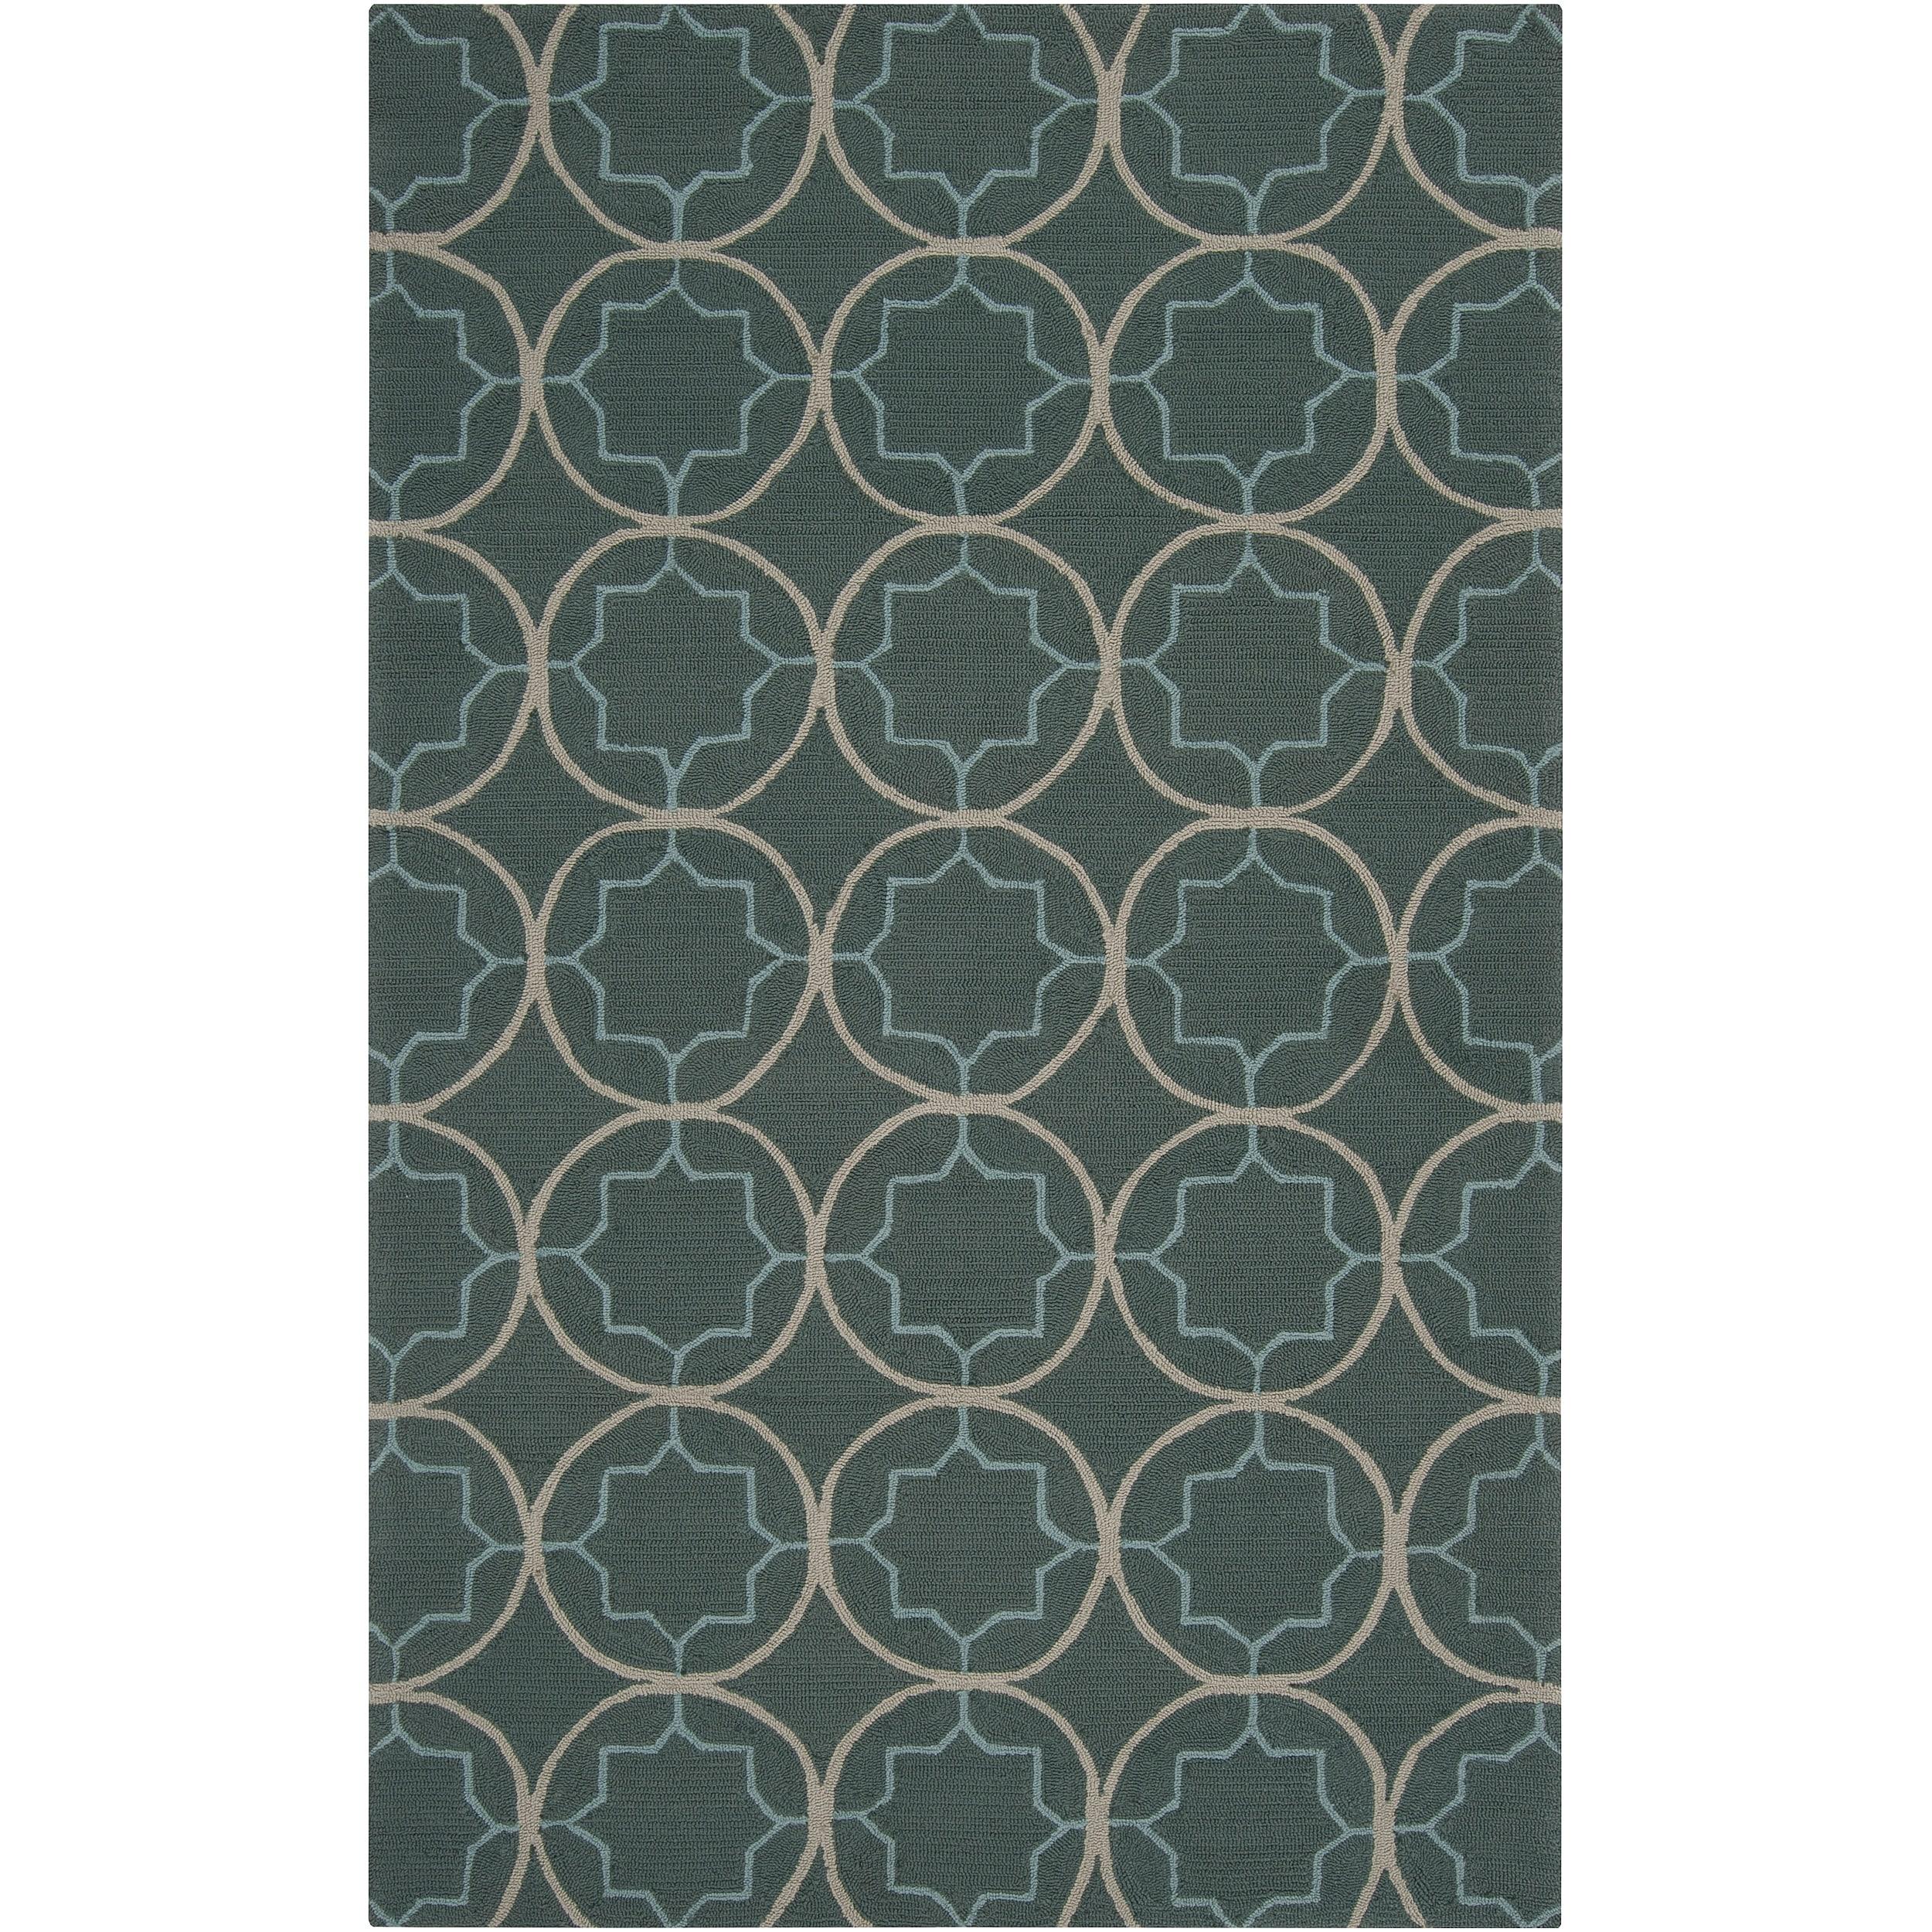 Hand-hooked Gray Cladagh Indoor/Outdoor Moroccan Trellis Rug (3' x 5')